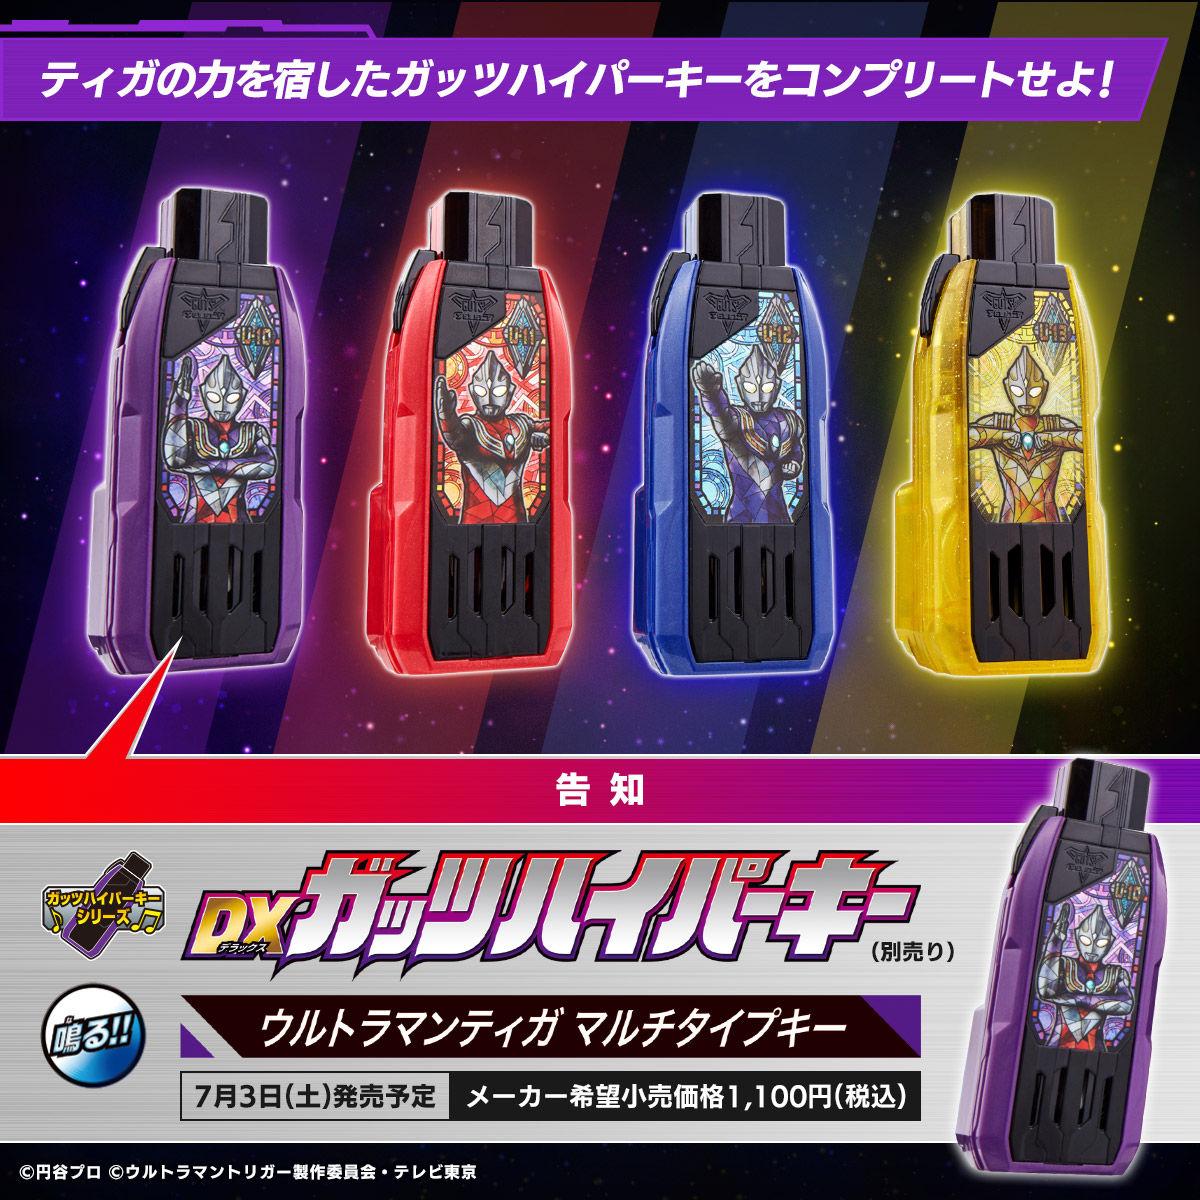 【限定販売】DXガッツハイパーキー『ウルトラマンティガキーセット』ウルトラマントリガー 変身なりきり-006